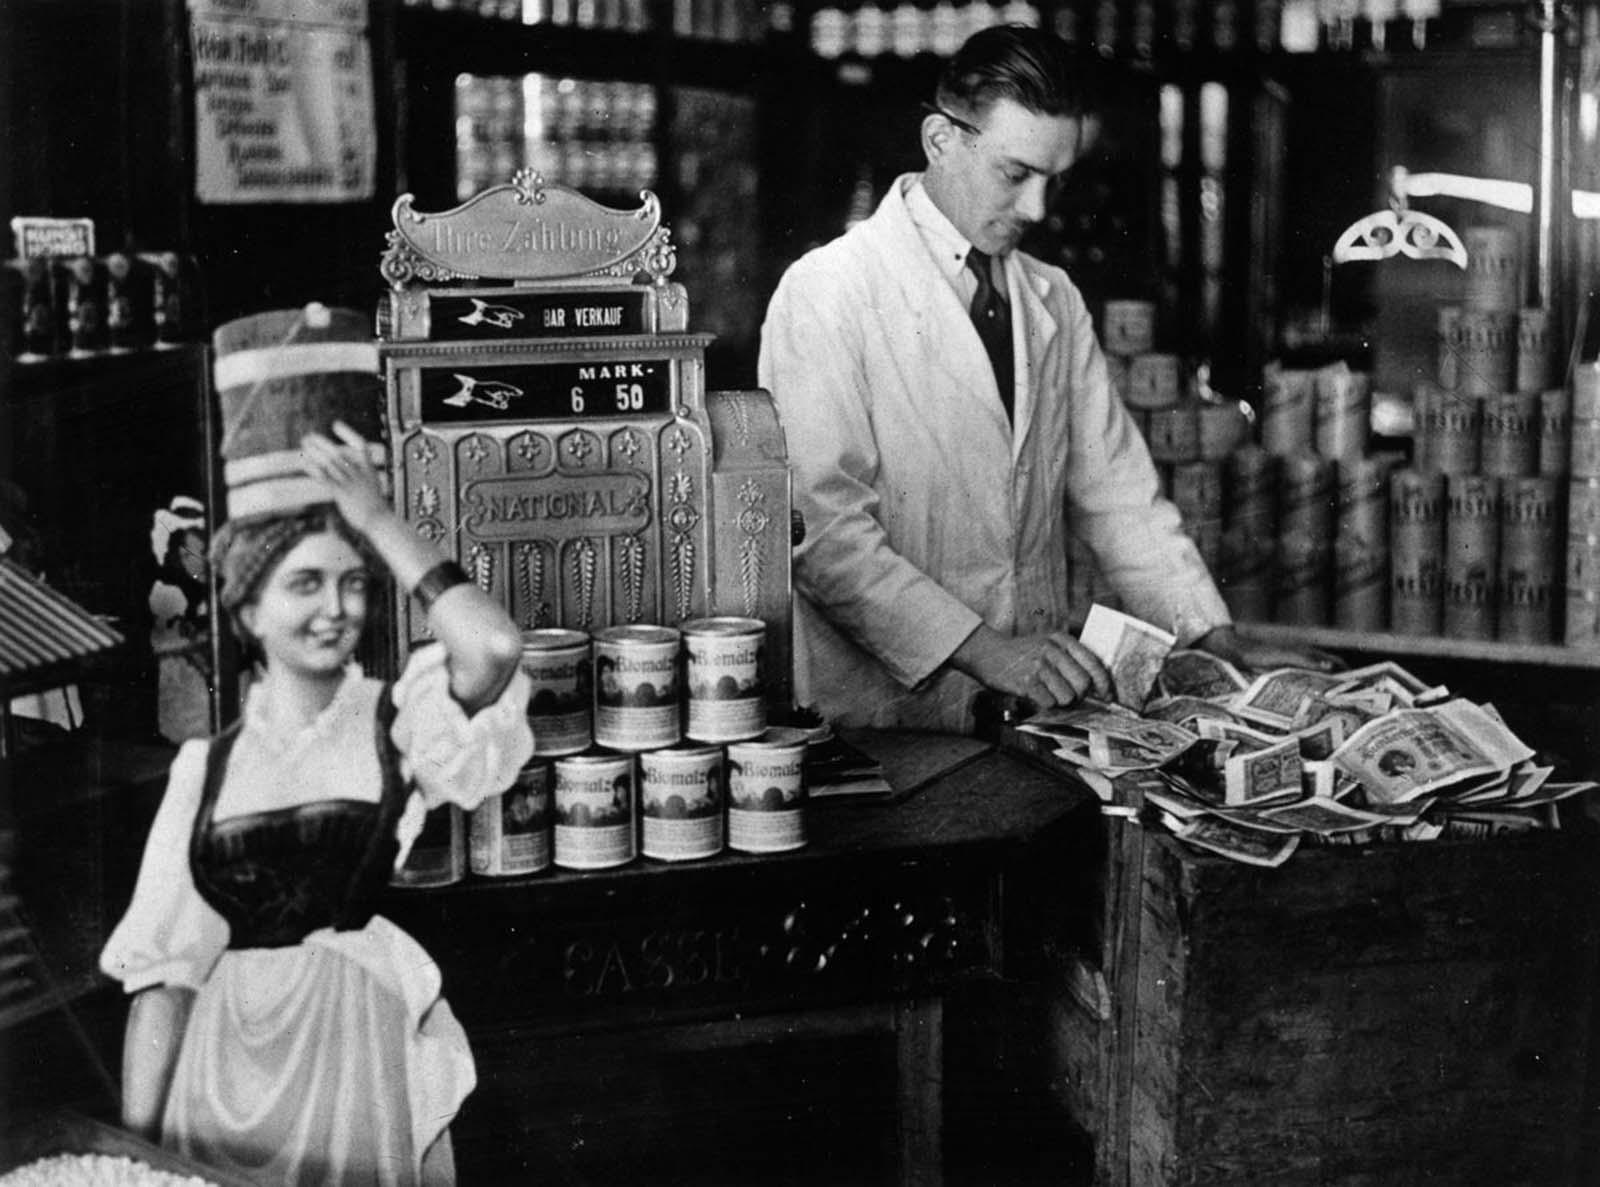 Un comerciante mete el exceso de efectivo en un cofre de té junto a su registro. 1922.